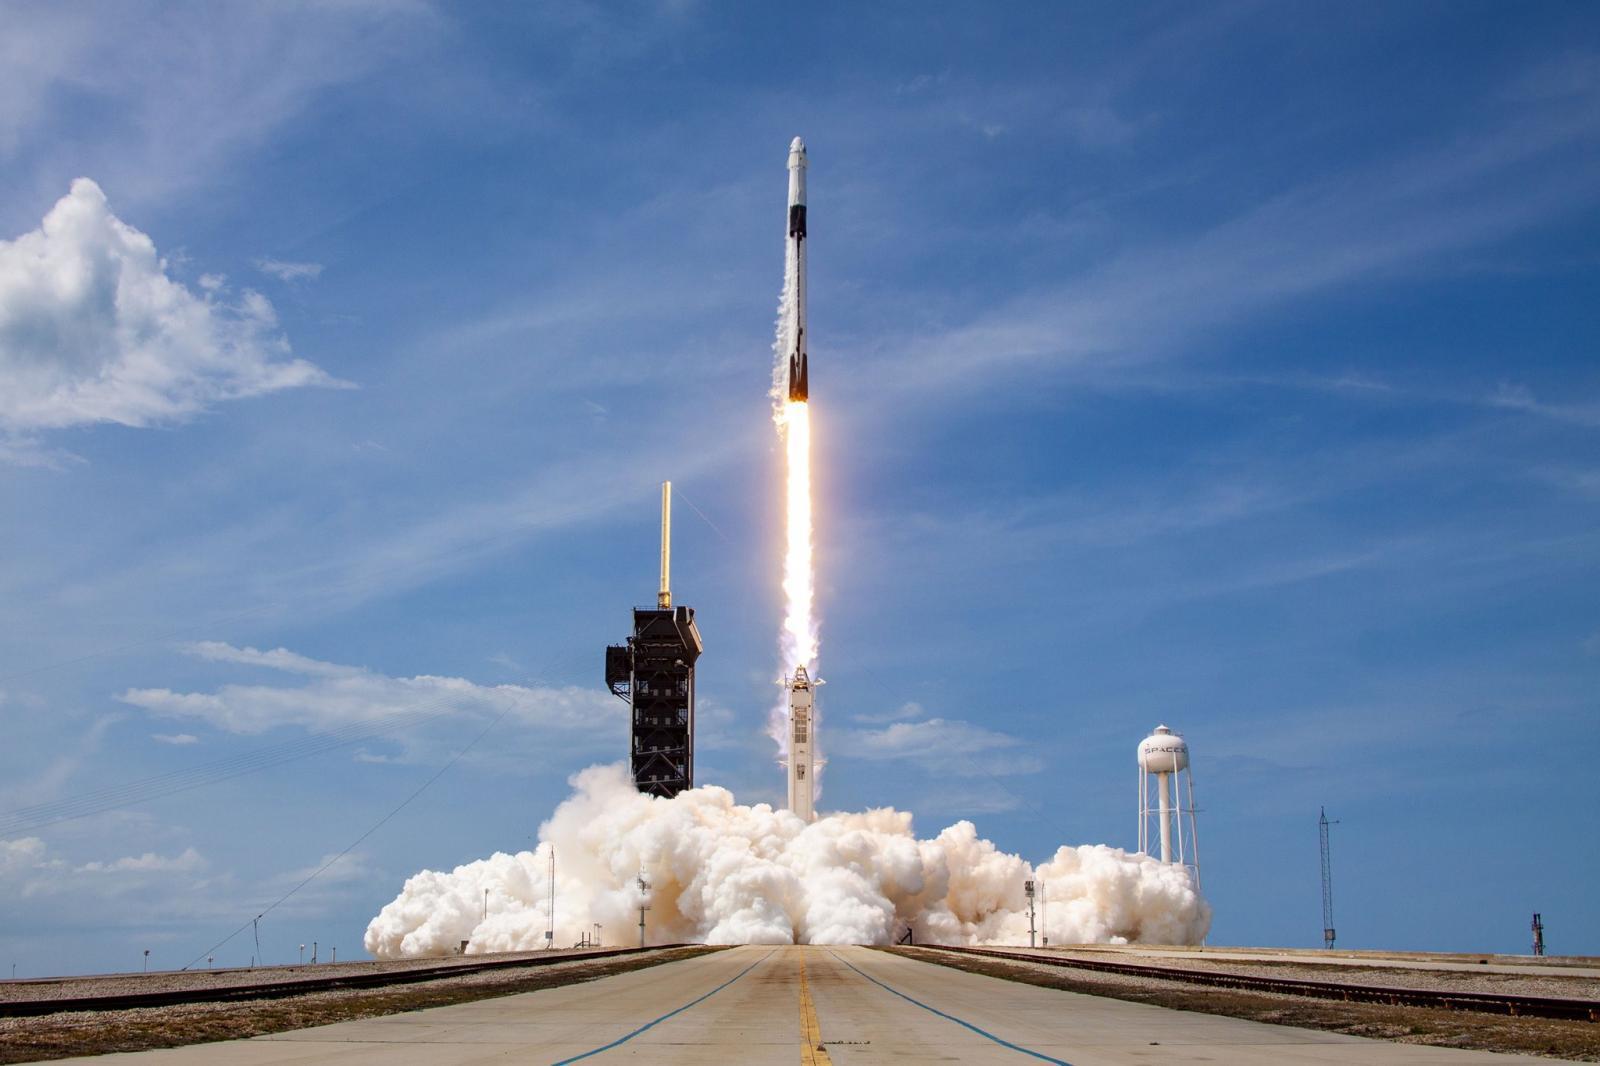 """ถึงแล้ว! แคปซูล SpaceX """"ครูว์ดรากอน"""" จอดเทียบท่าสถานีอวกาศนานาชาติ"""